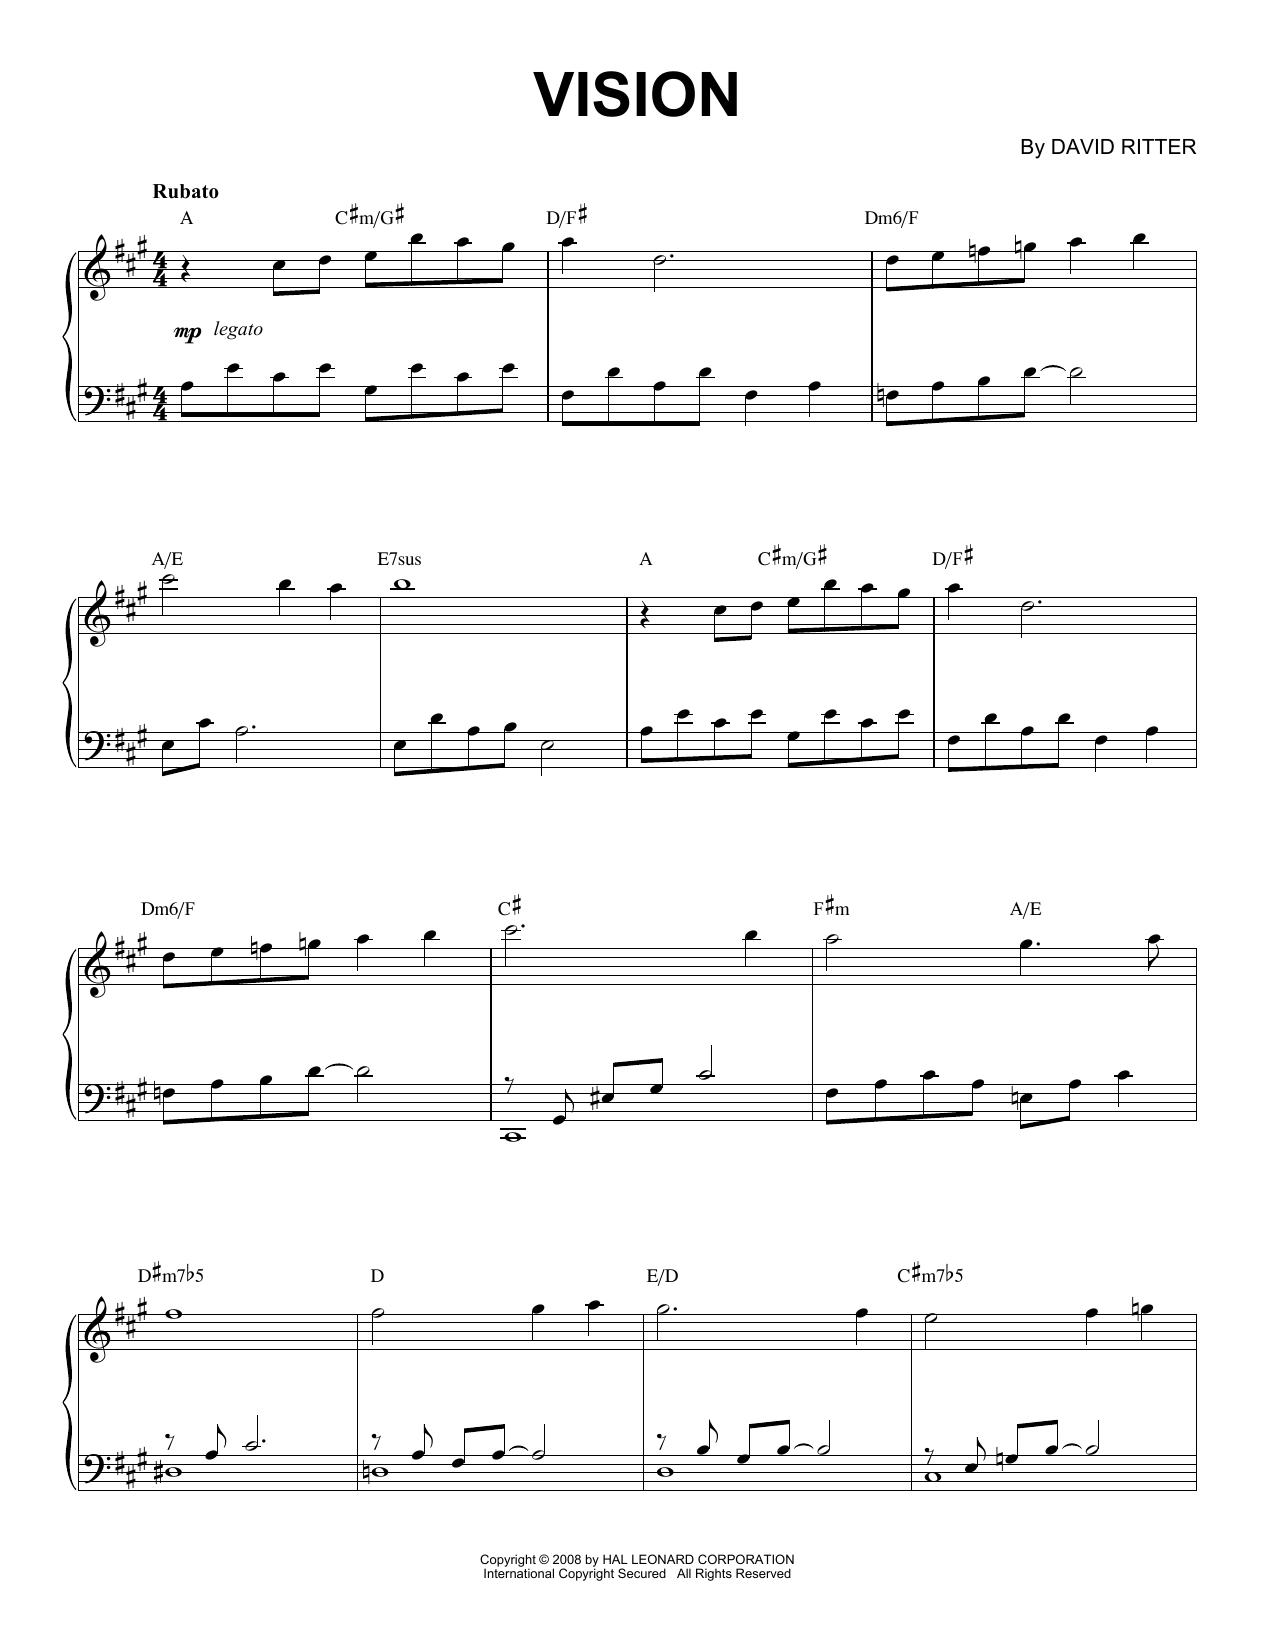 David Ritter Vision sheet music notes printable PDF score